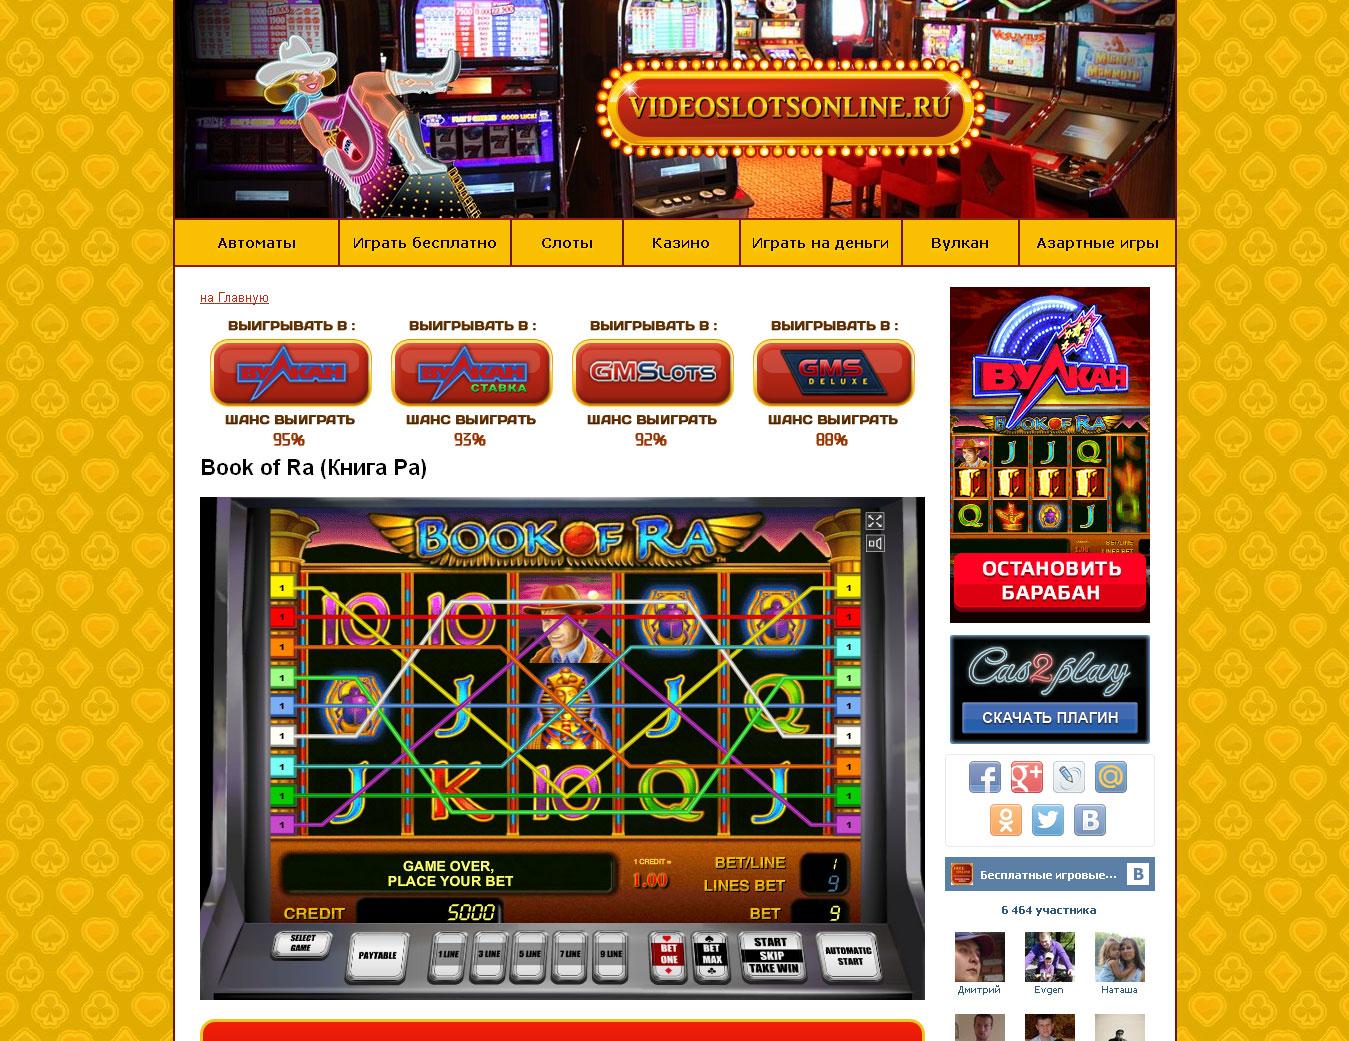 в игровые автоматы можно играть бесплатно без регистрации